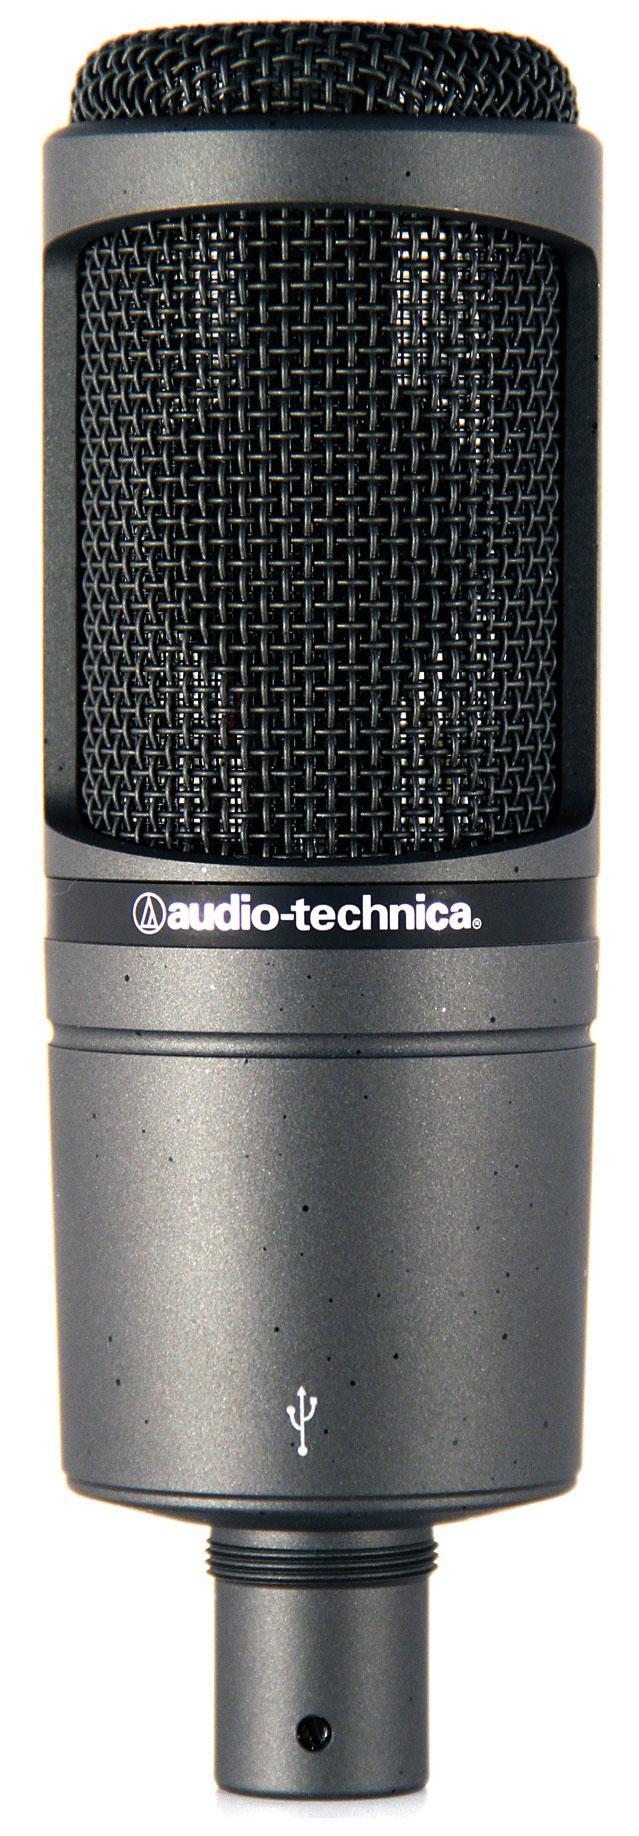 Mikrofone - Audio Technica AT2020USB Kondensatormikrofon - Onlineshop Musikhaus Kirstein